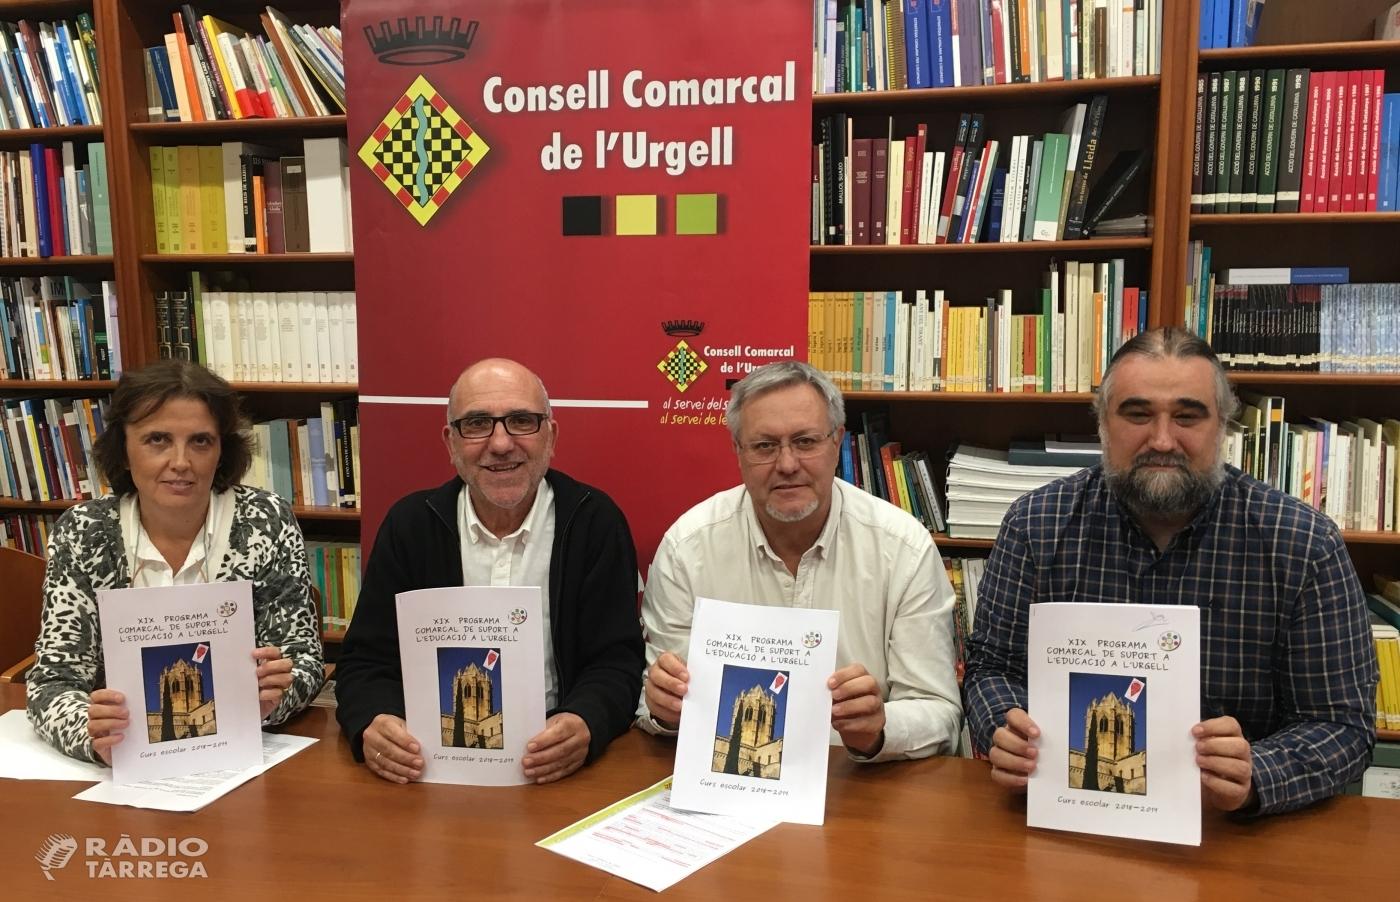 El Consell Comarcal de l'Urgell desplegarà aquest curs escolar 20 accions en el marc del XIX Programa Comarcal de Suport a l'Educació